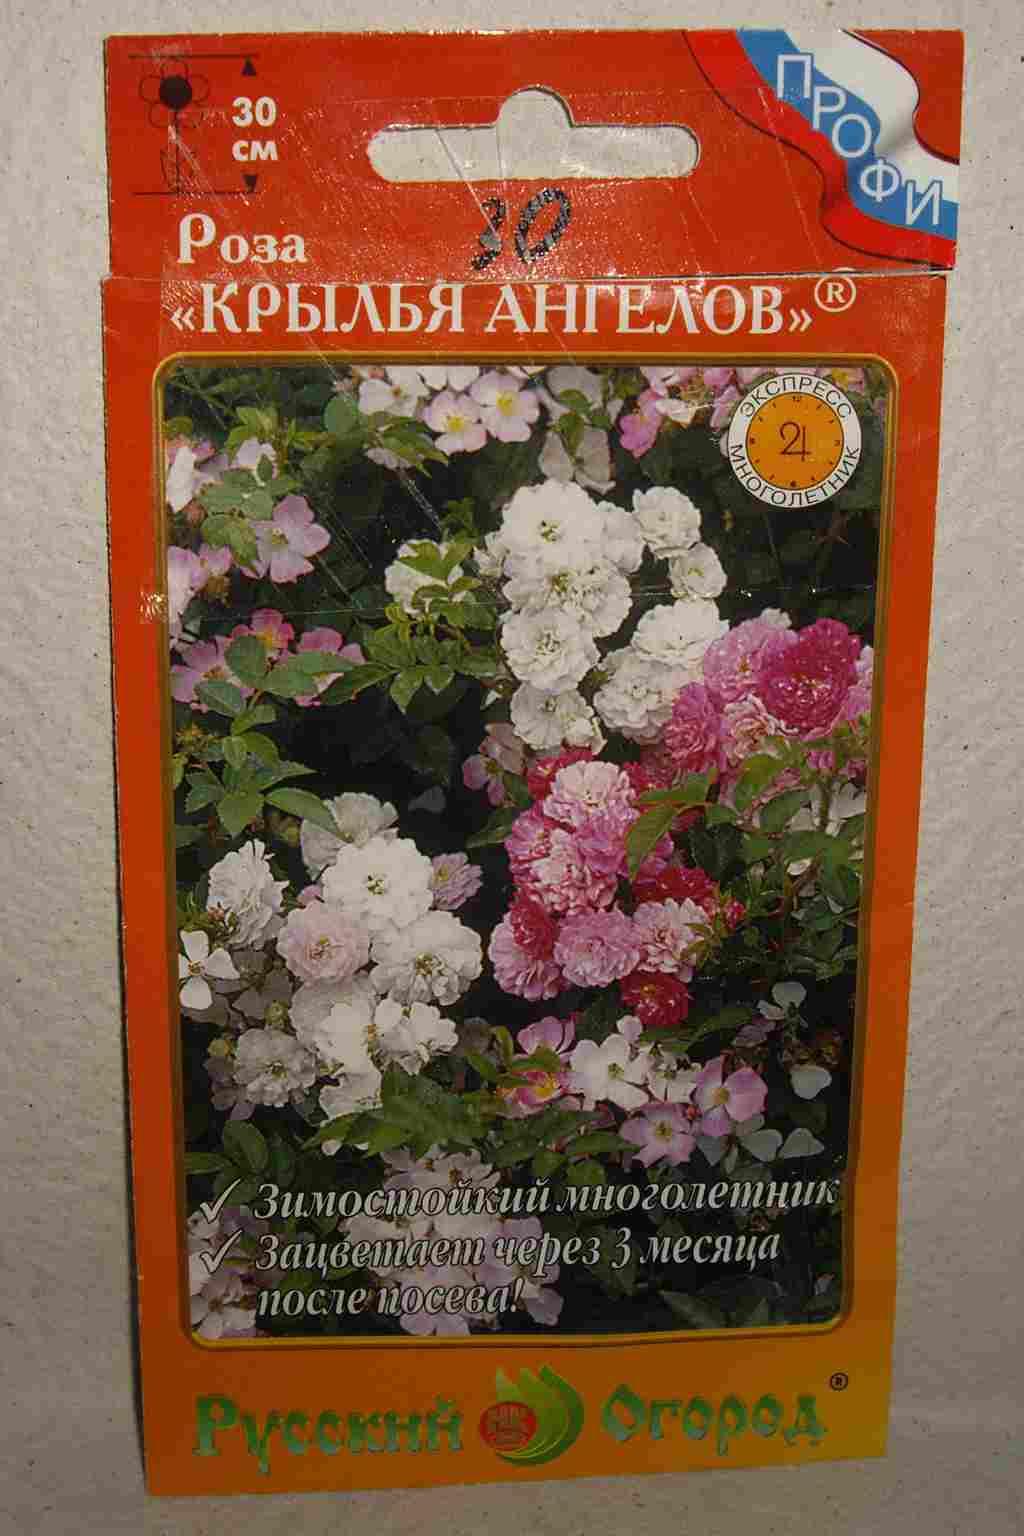 Роза крылья ангелов выращивание из семян фото отзывы 23